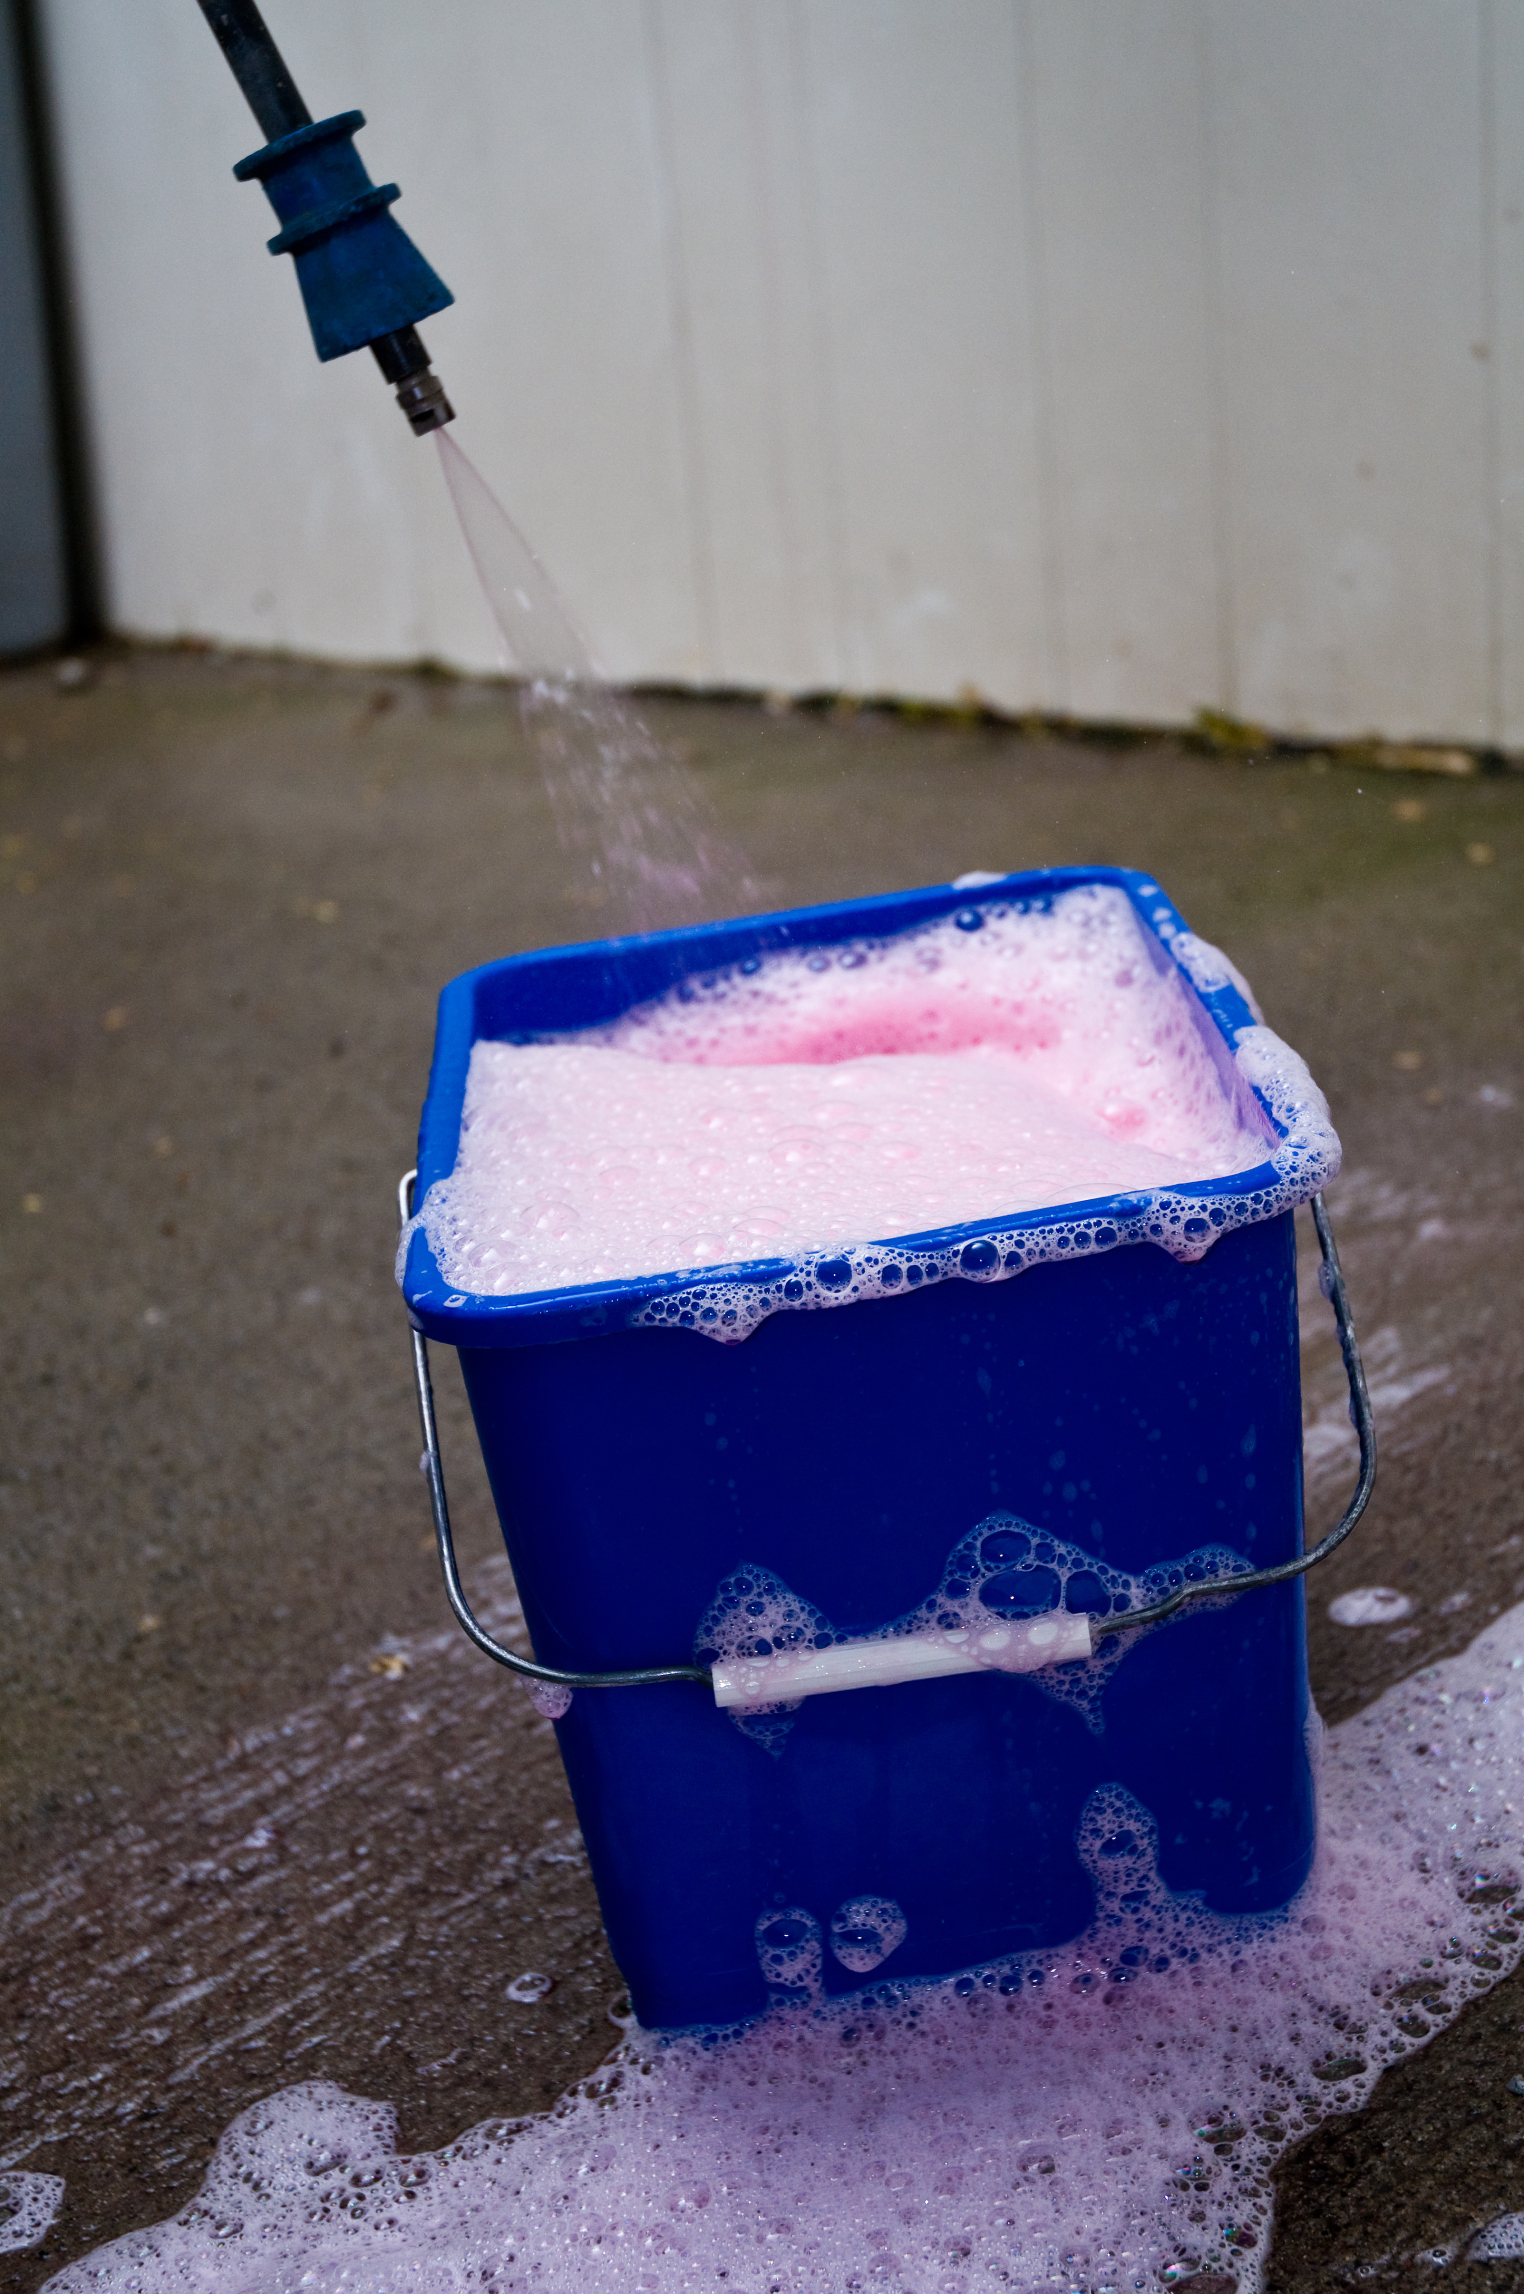 Busco trabajo para limpiar casas por horas good awesome - Limpiar casas por horas ...